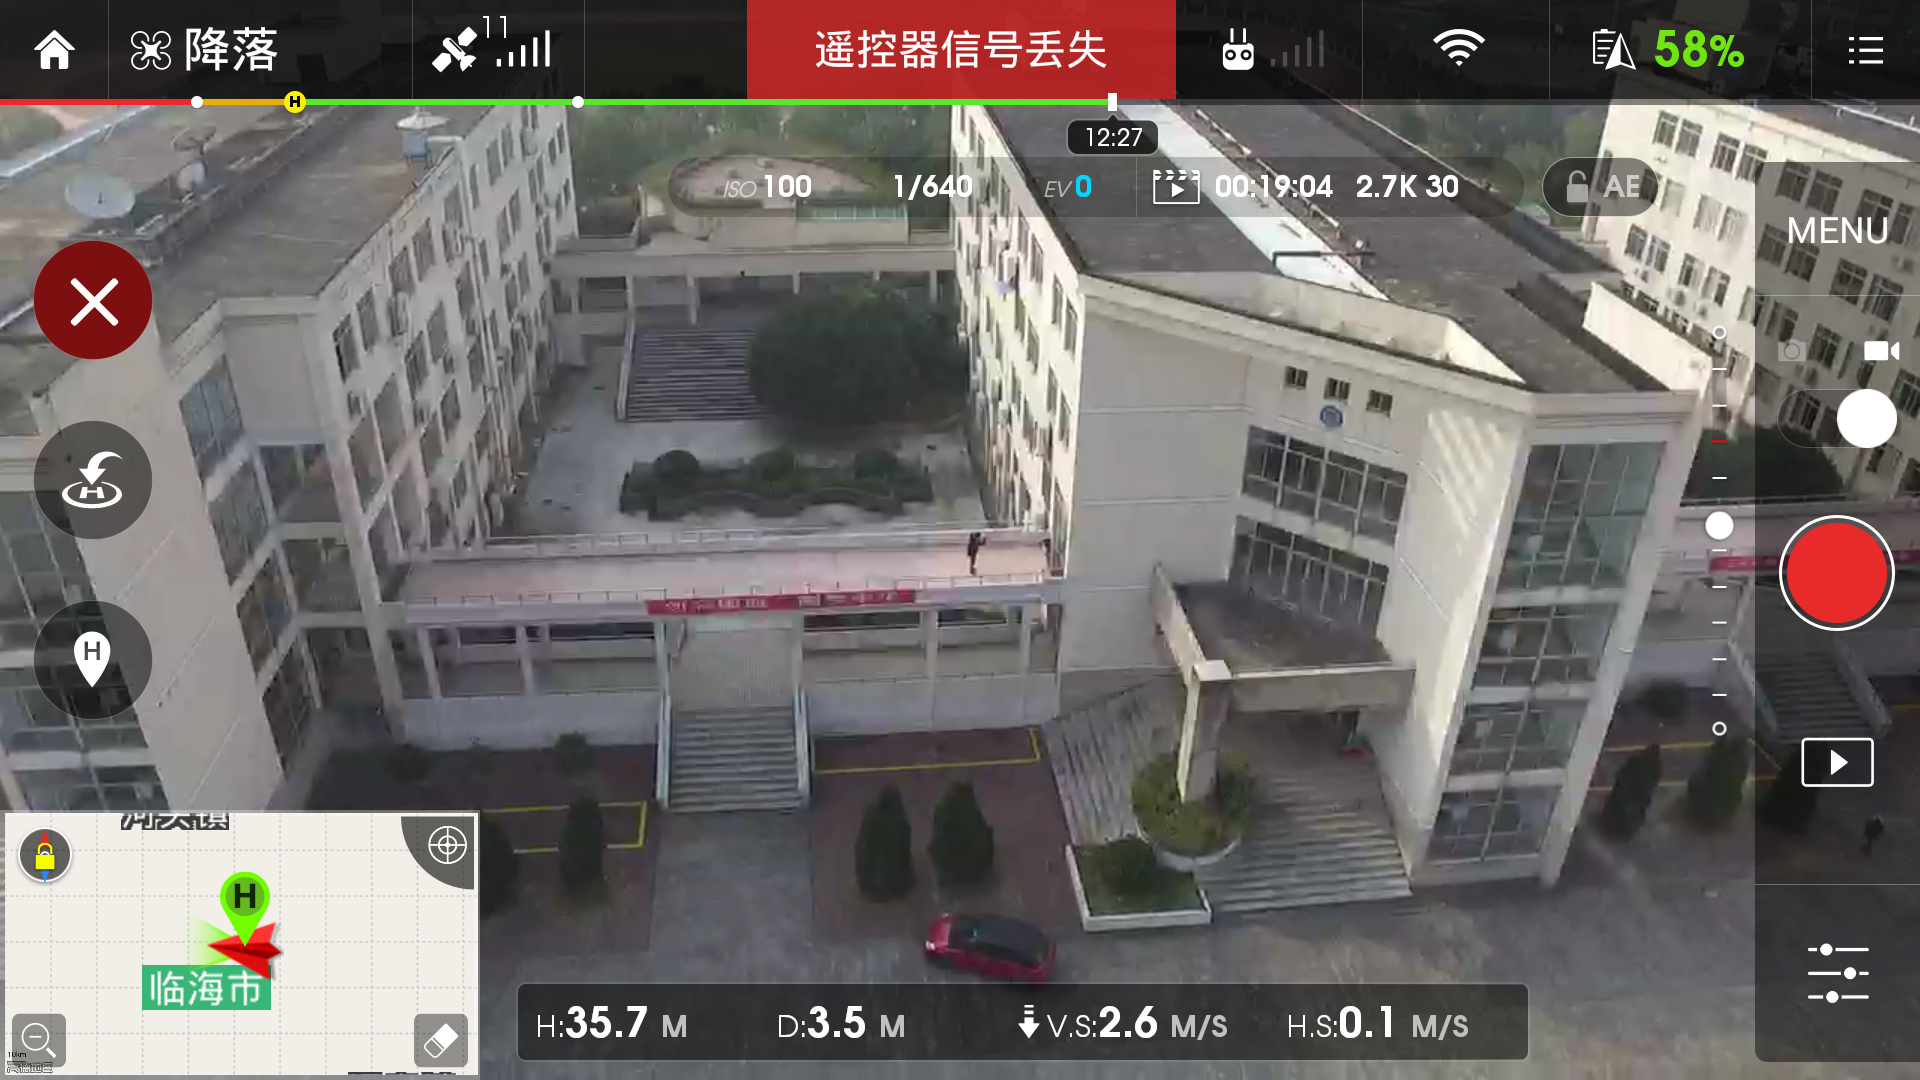 Screenshot_2015-12-31-14-31-30_dji.pilot.png